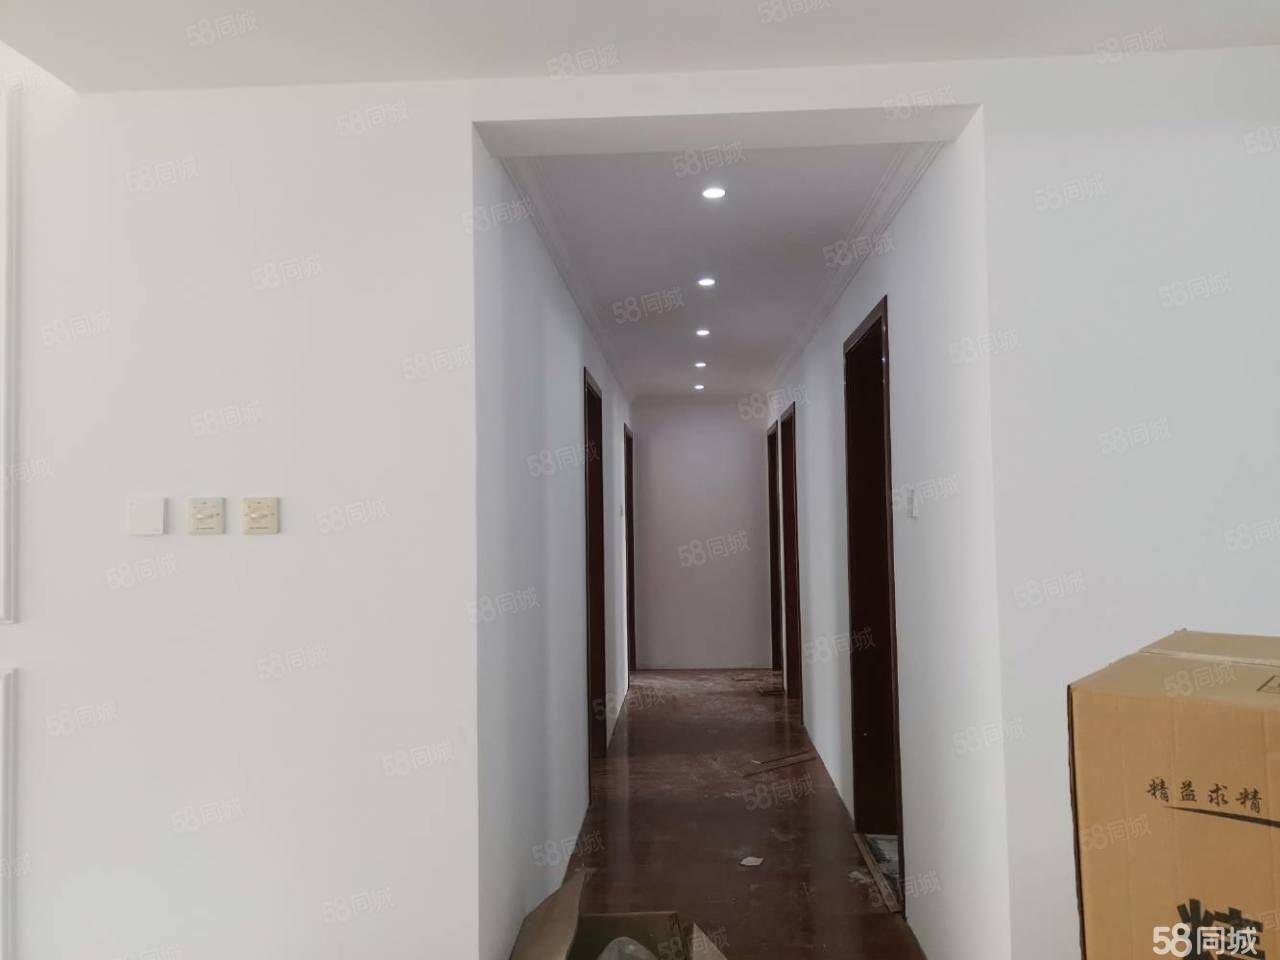 玫瑰苑步梯五樓4室2廳2衛160平新裝修未入住72萬